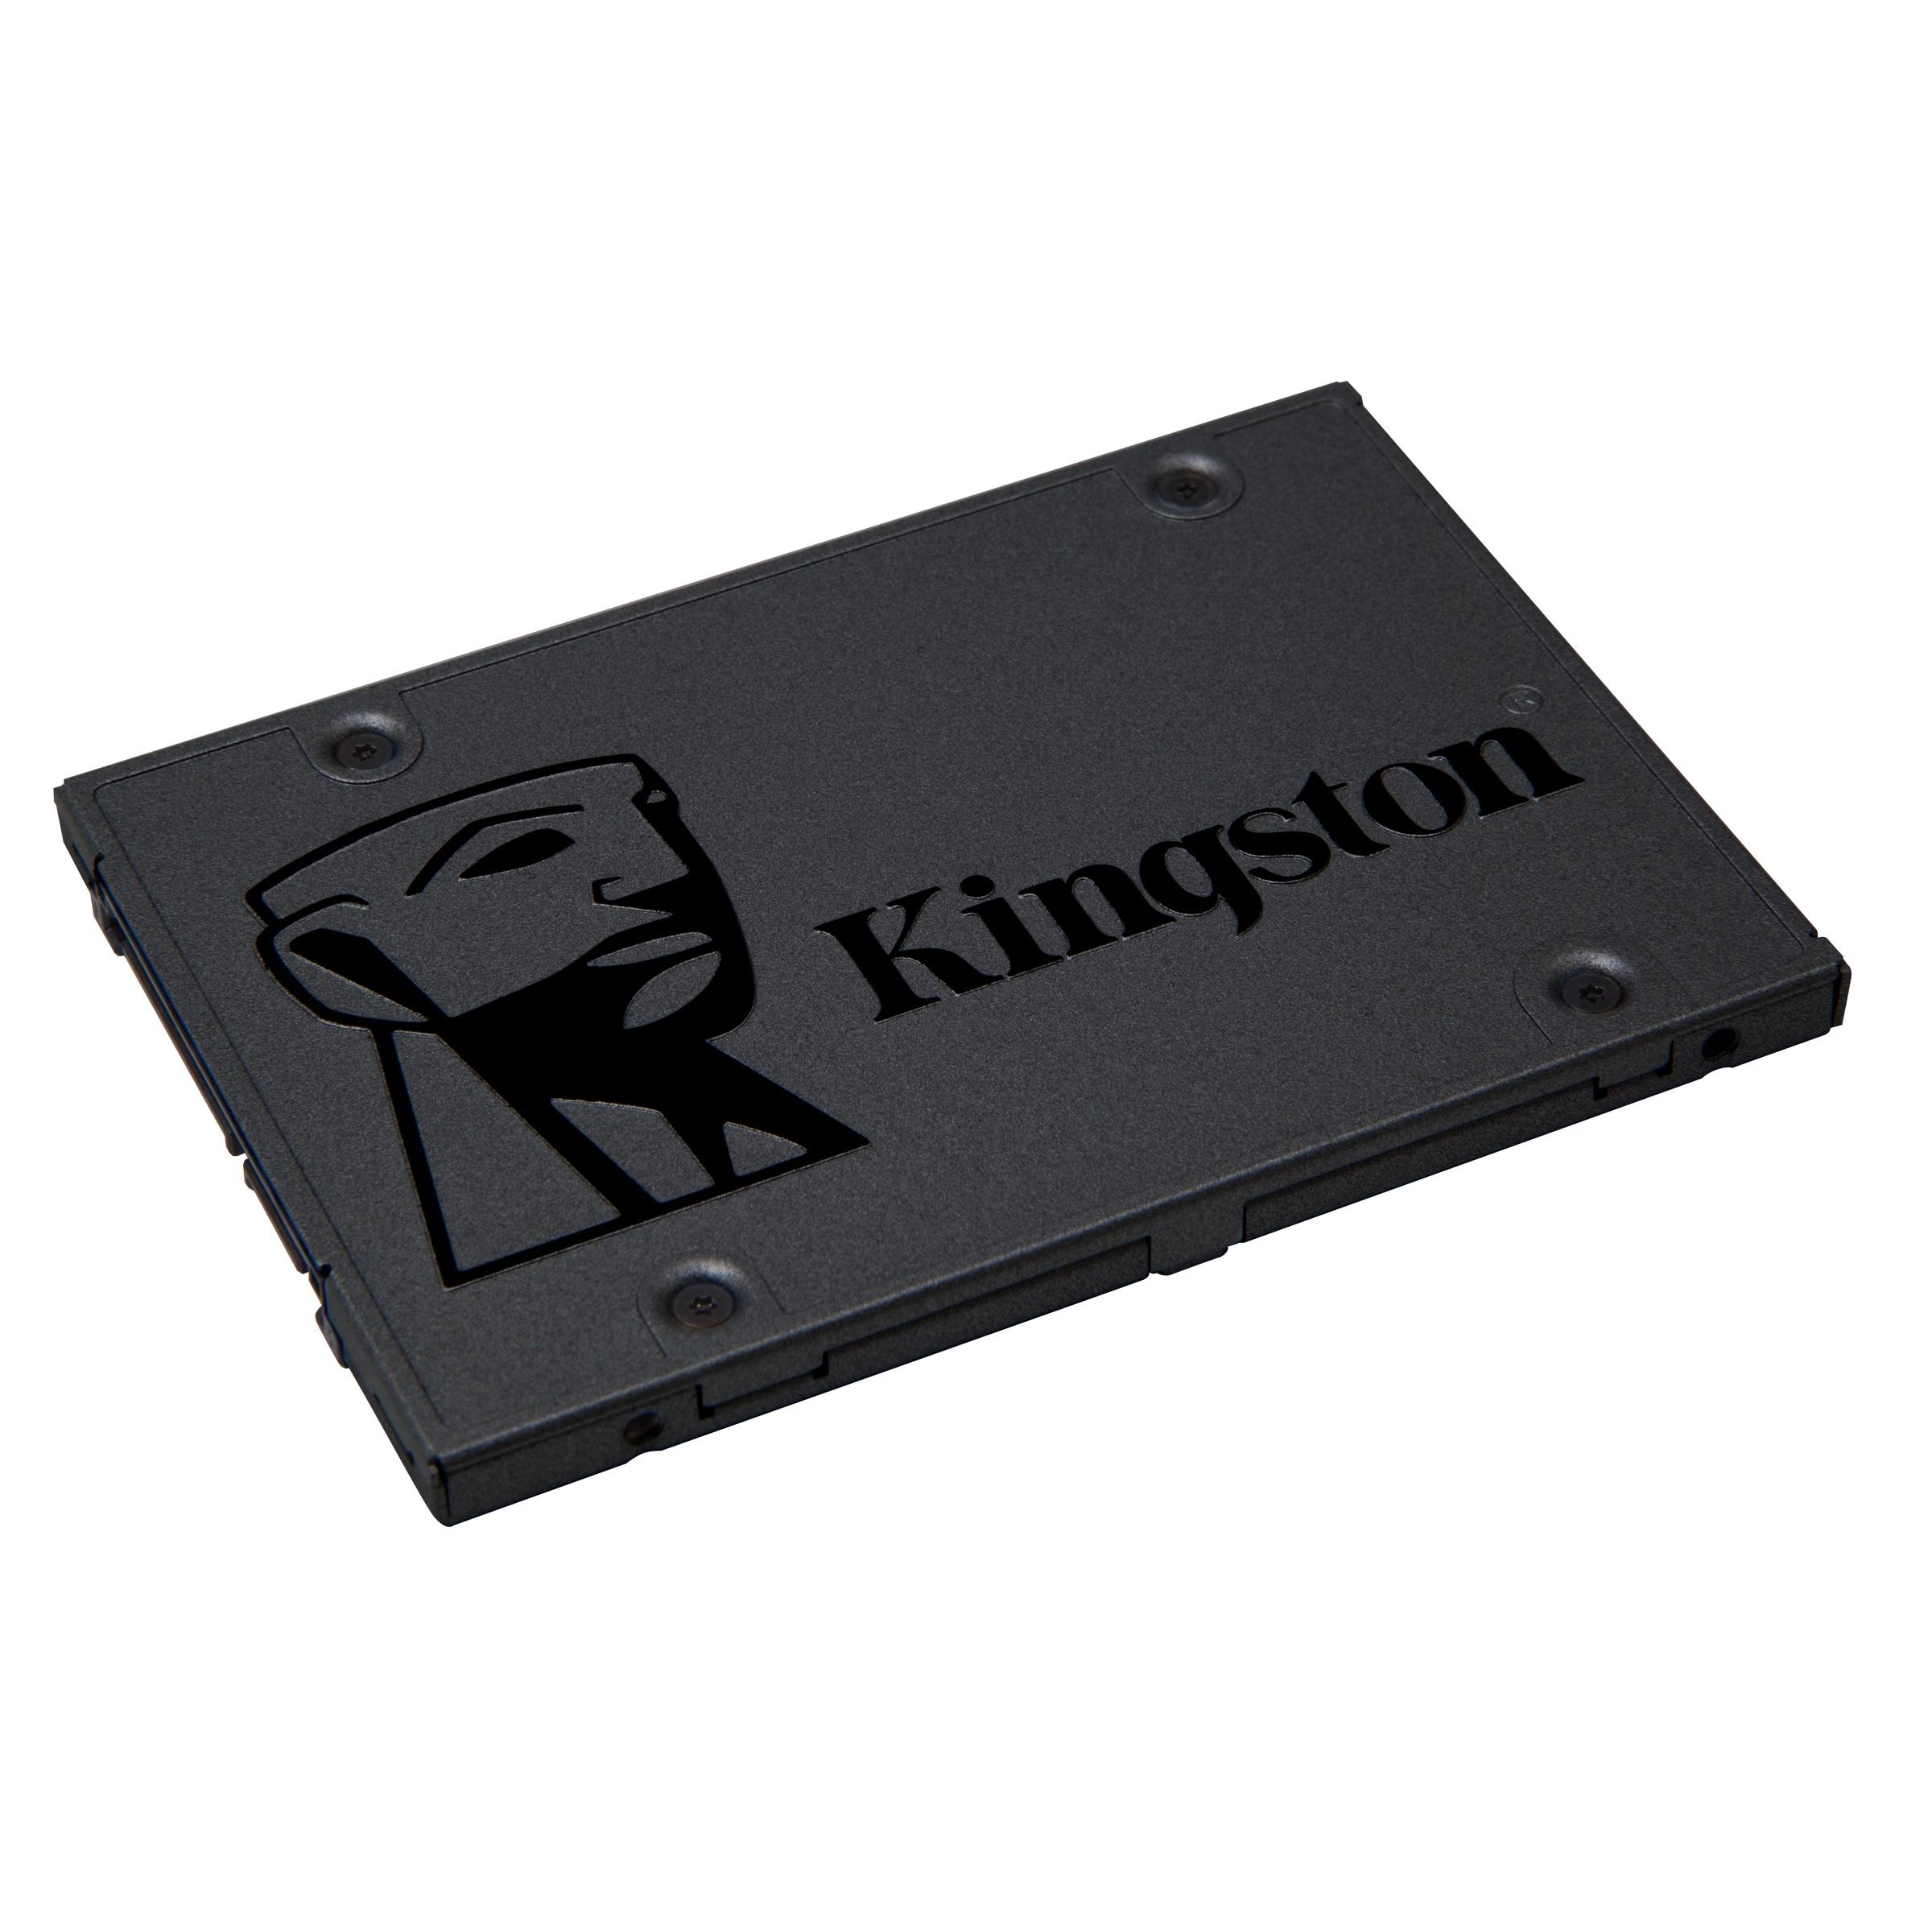 SSD KINGSTON SA400 SA400S37/240G